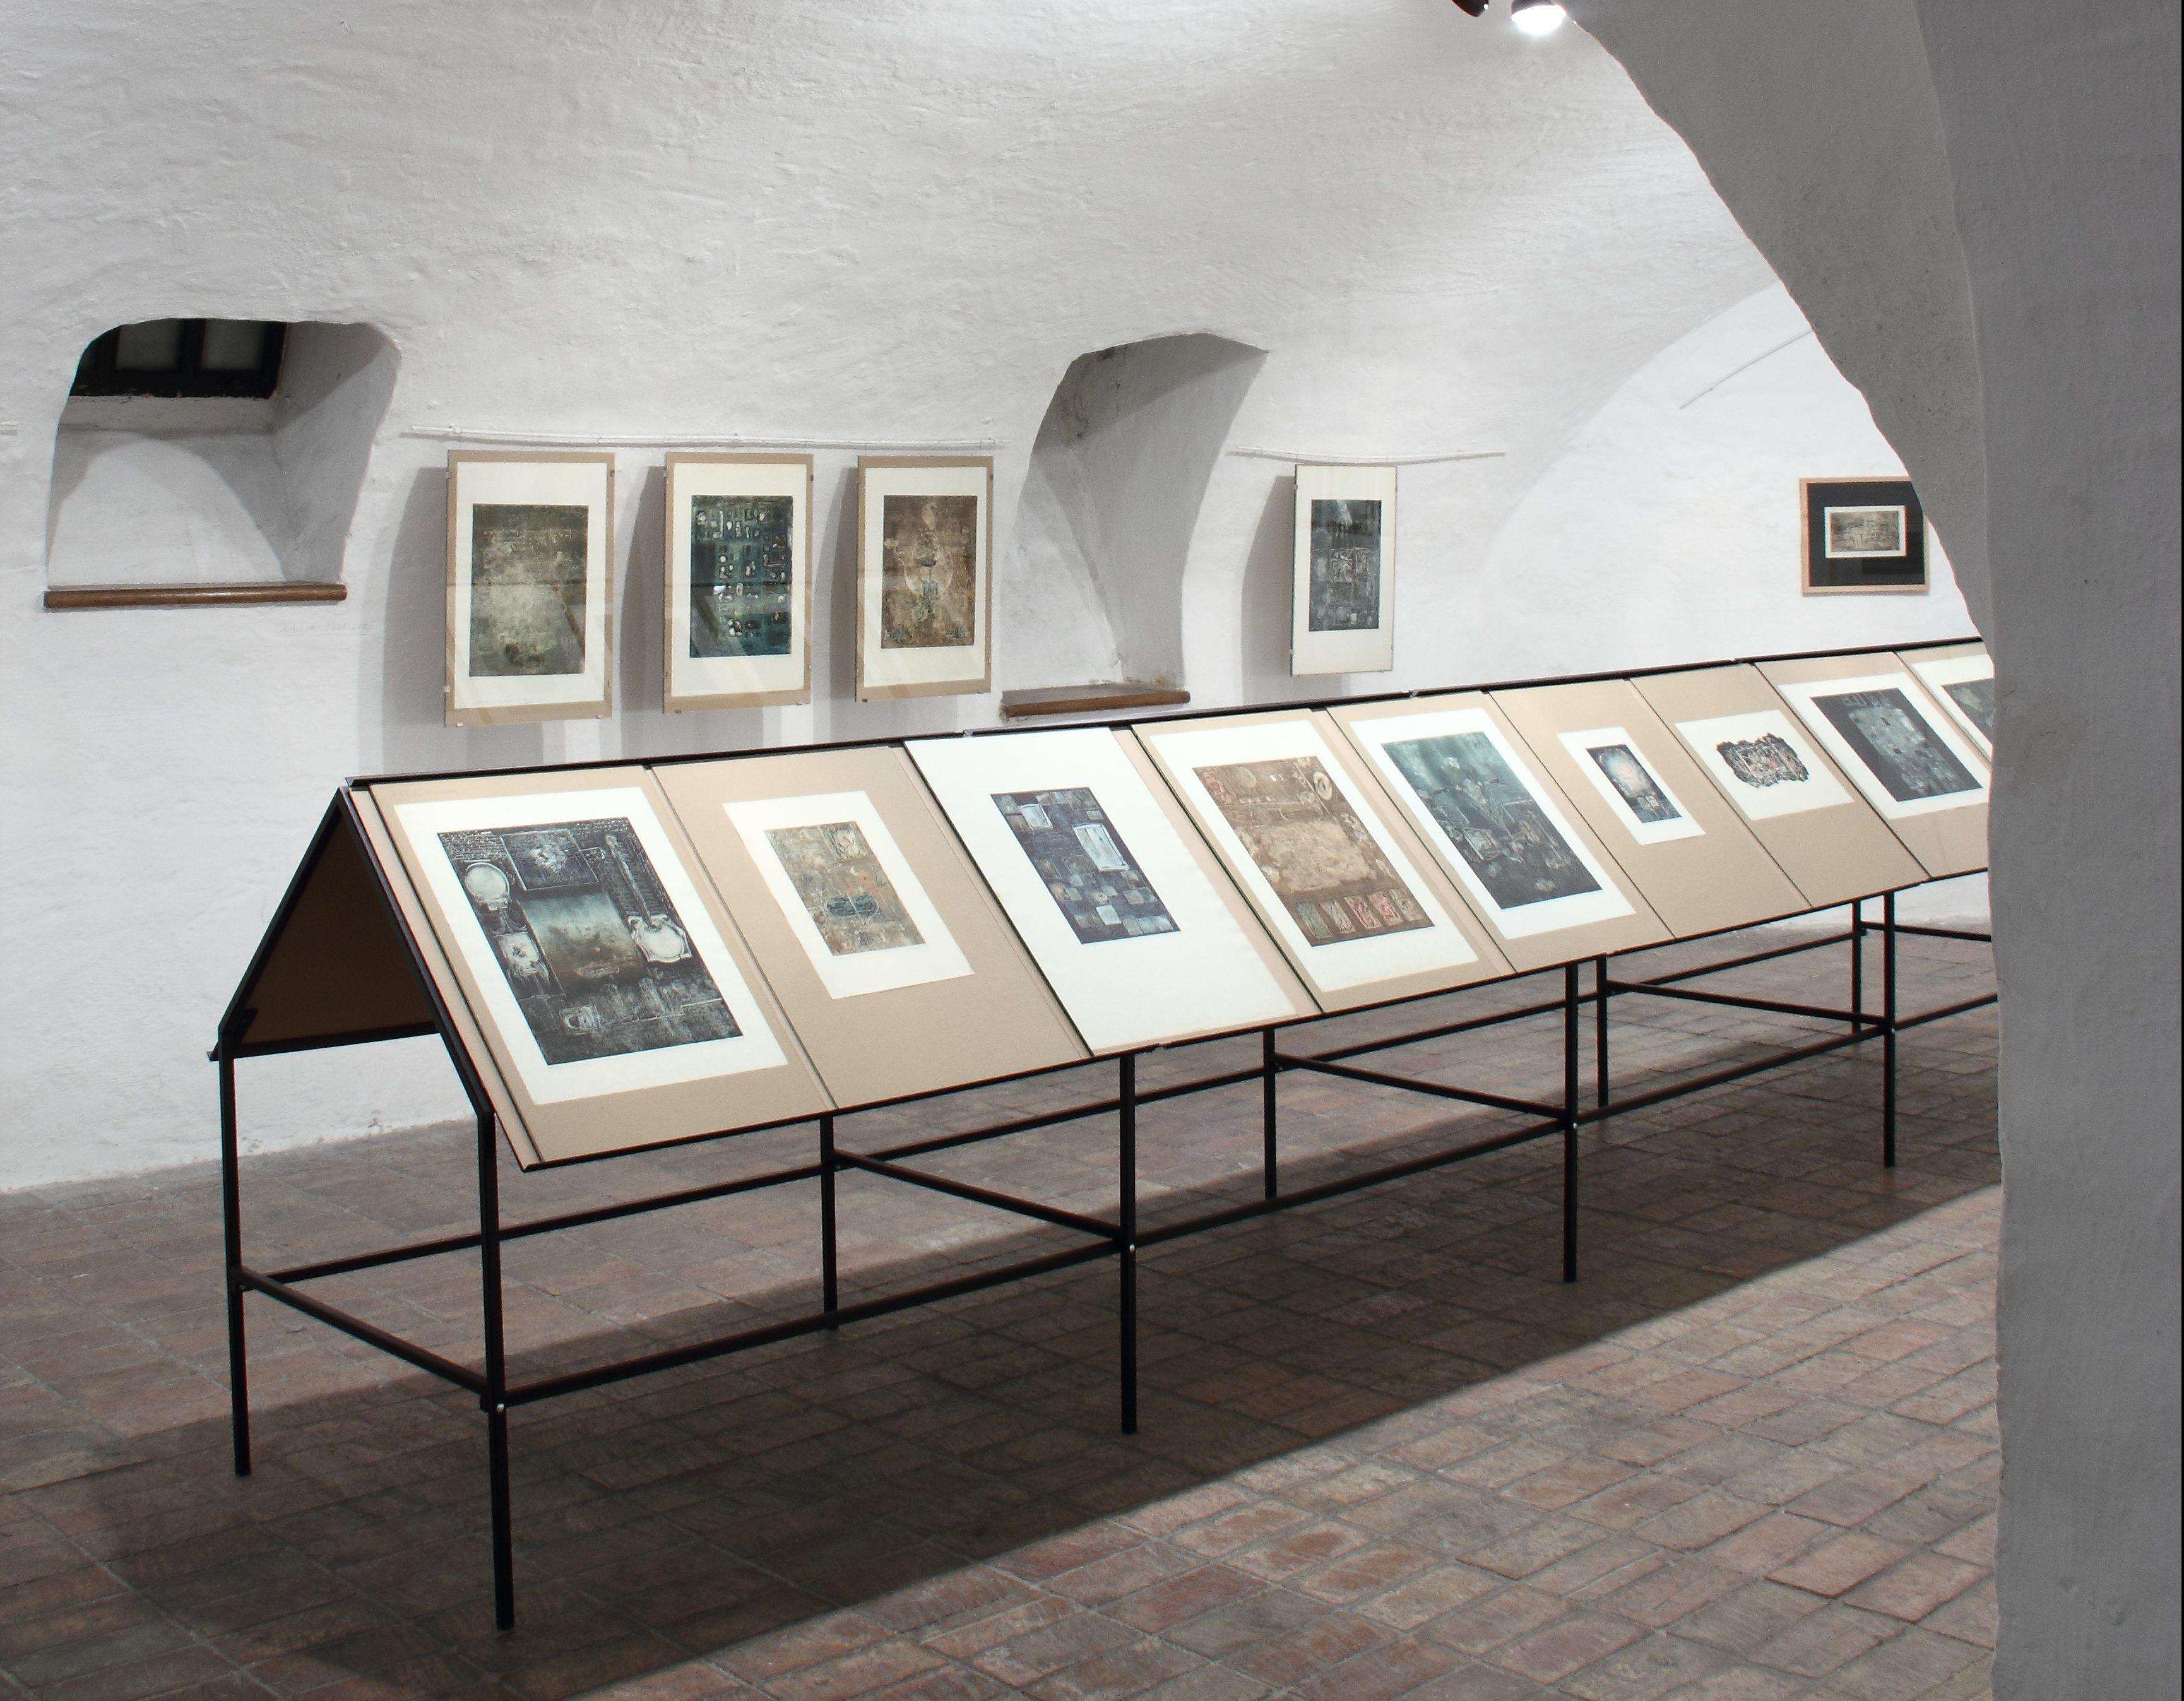 Képmutogató - Hrabal 100, 2014. Óbudai Társaskör Galéria